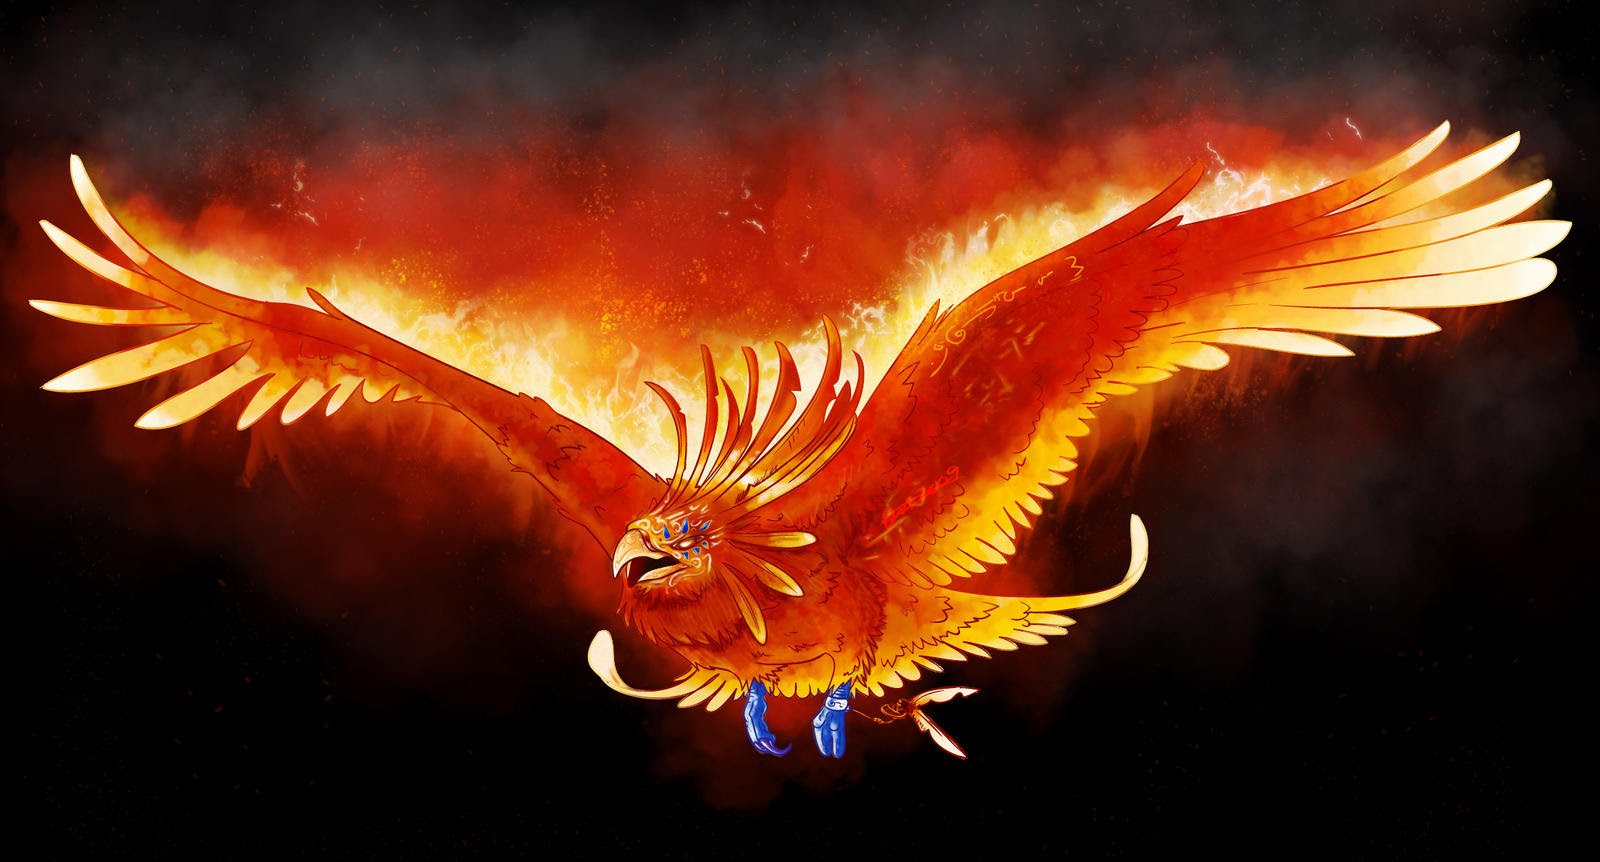 108+ Gambar Burung Elang Merah Terbaik